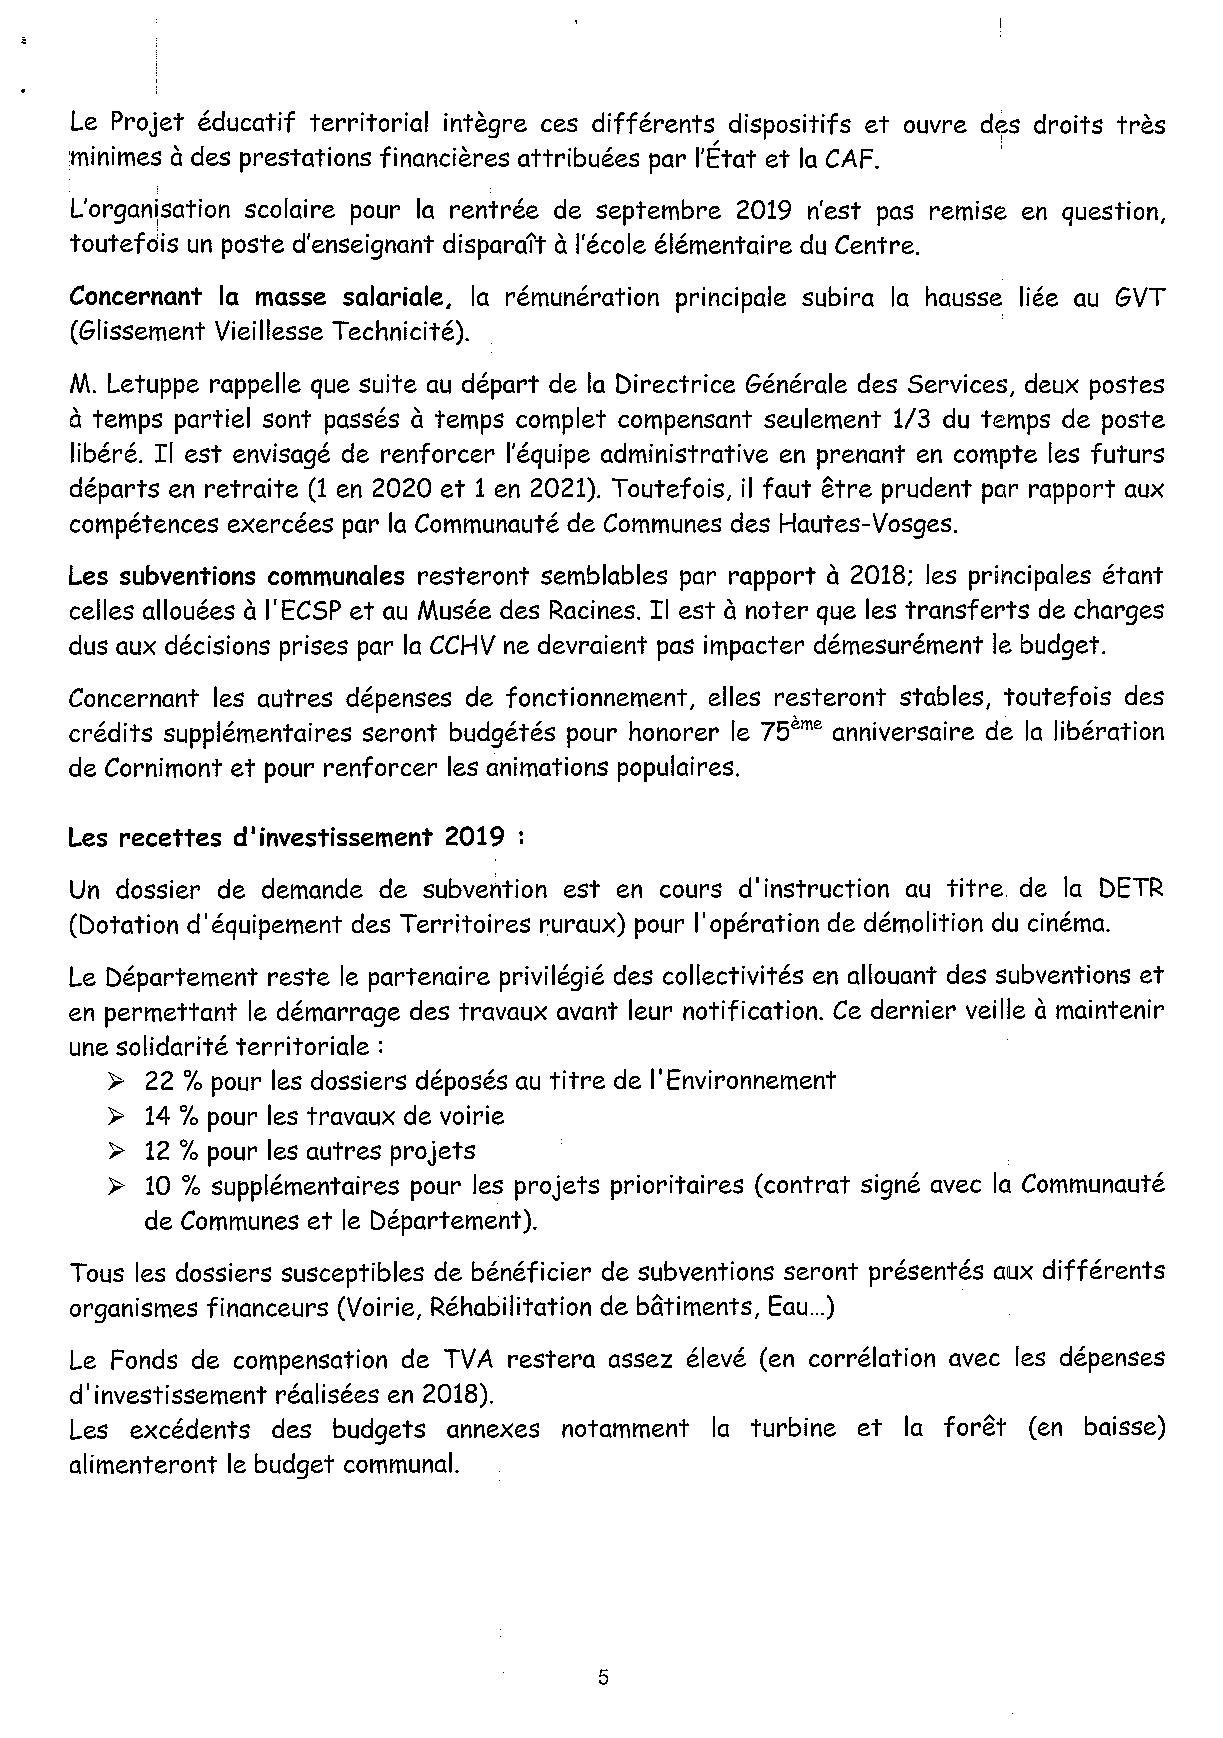 CR CONSEIL MUNICIPAL du 15.03.2019-page-005